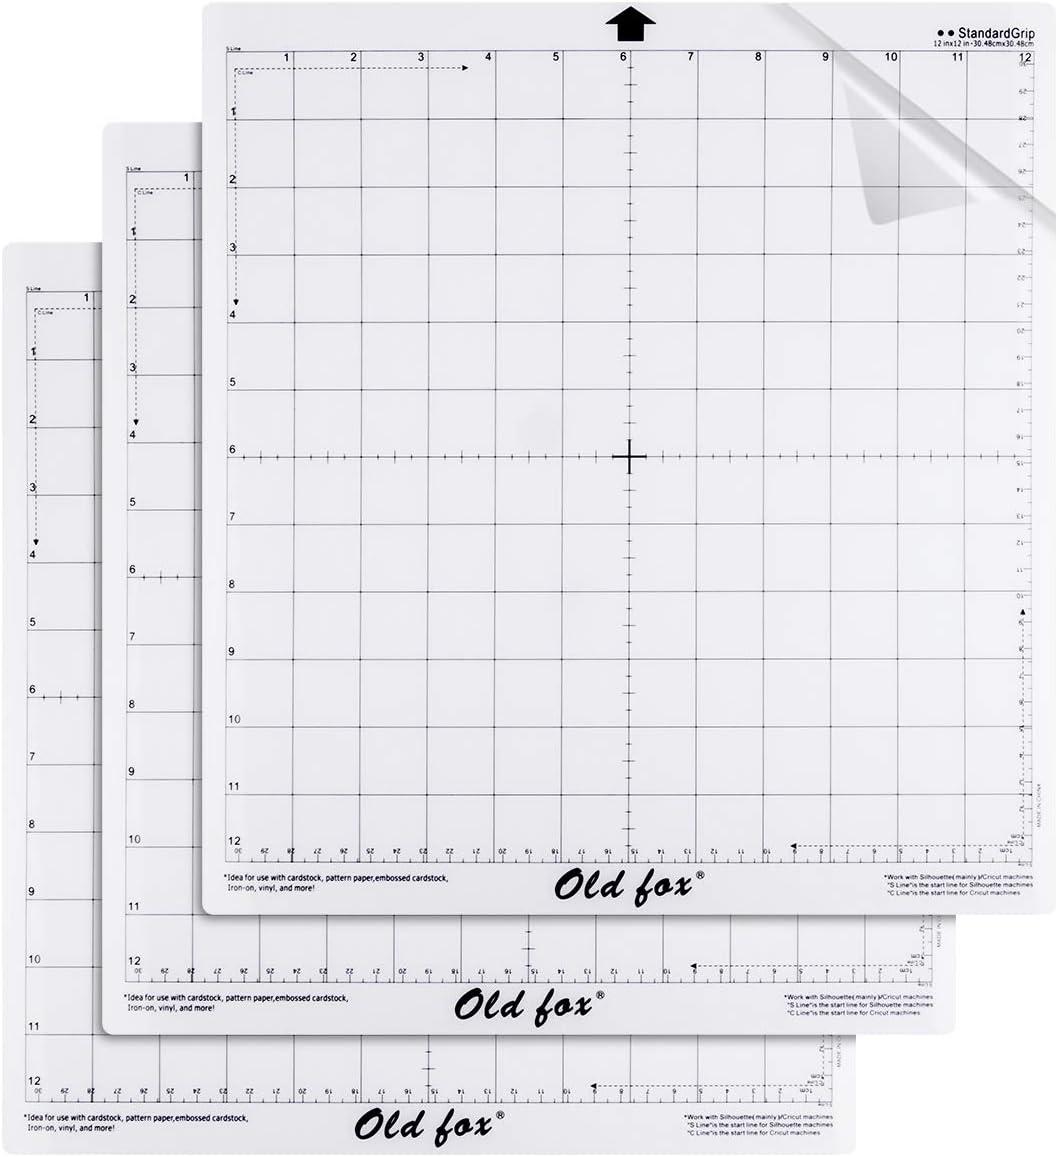 Alfombrilla de corte de 3 piezas para máquina de corte Silhouette Cameo y Cricut, empuñadura estándar de 12 x 12 pulgadas Craft con báscula Alfombra de corte de vinilo de reemplazo flexible: